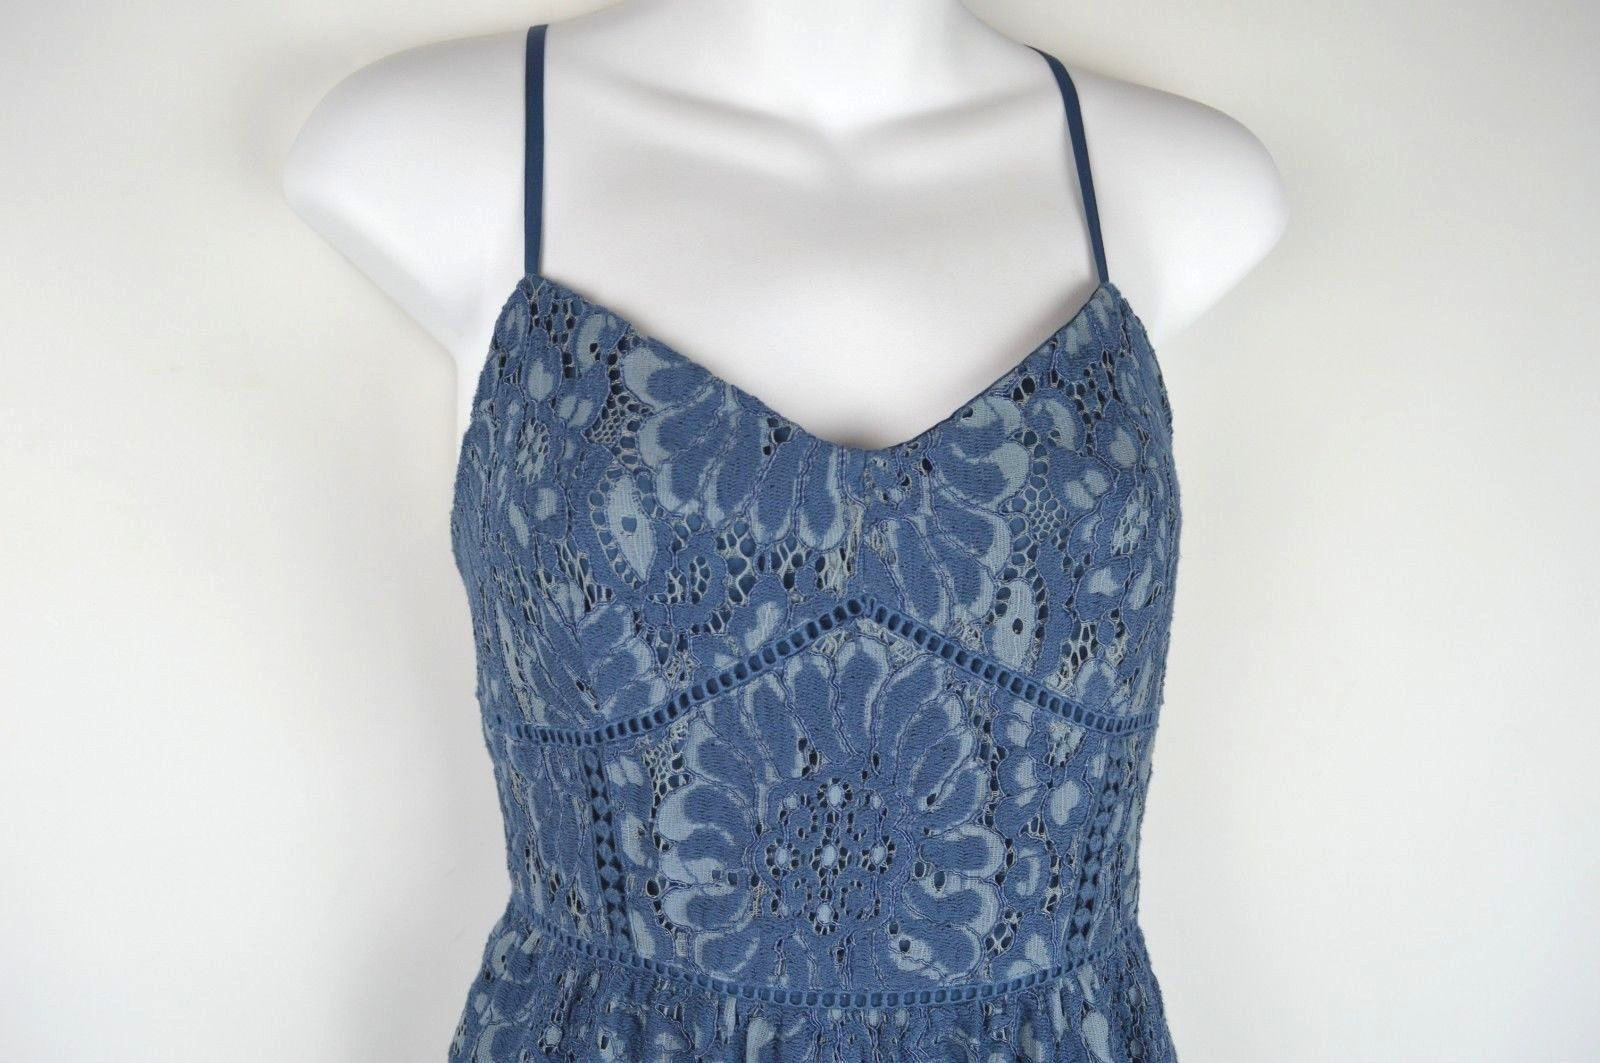 LOFT Ann Taylor 4p Blue Lace Dress Size 4P